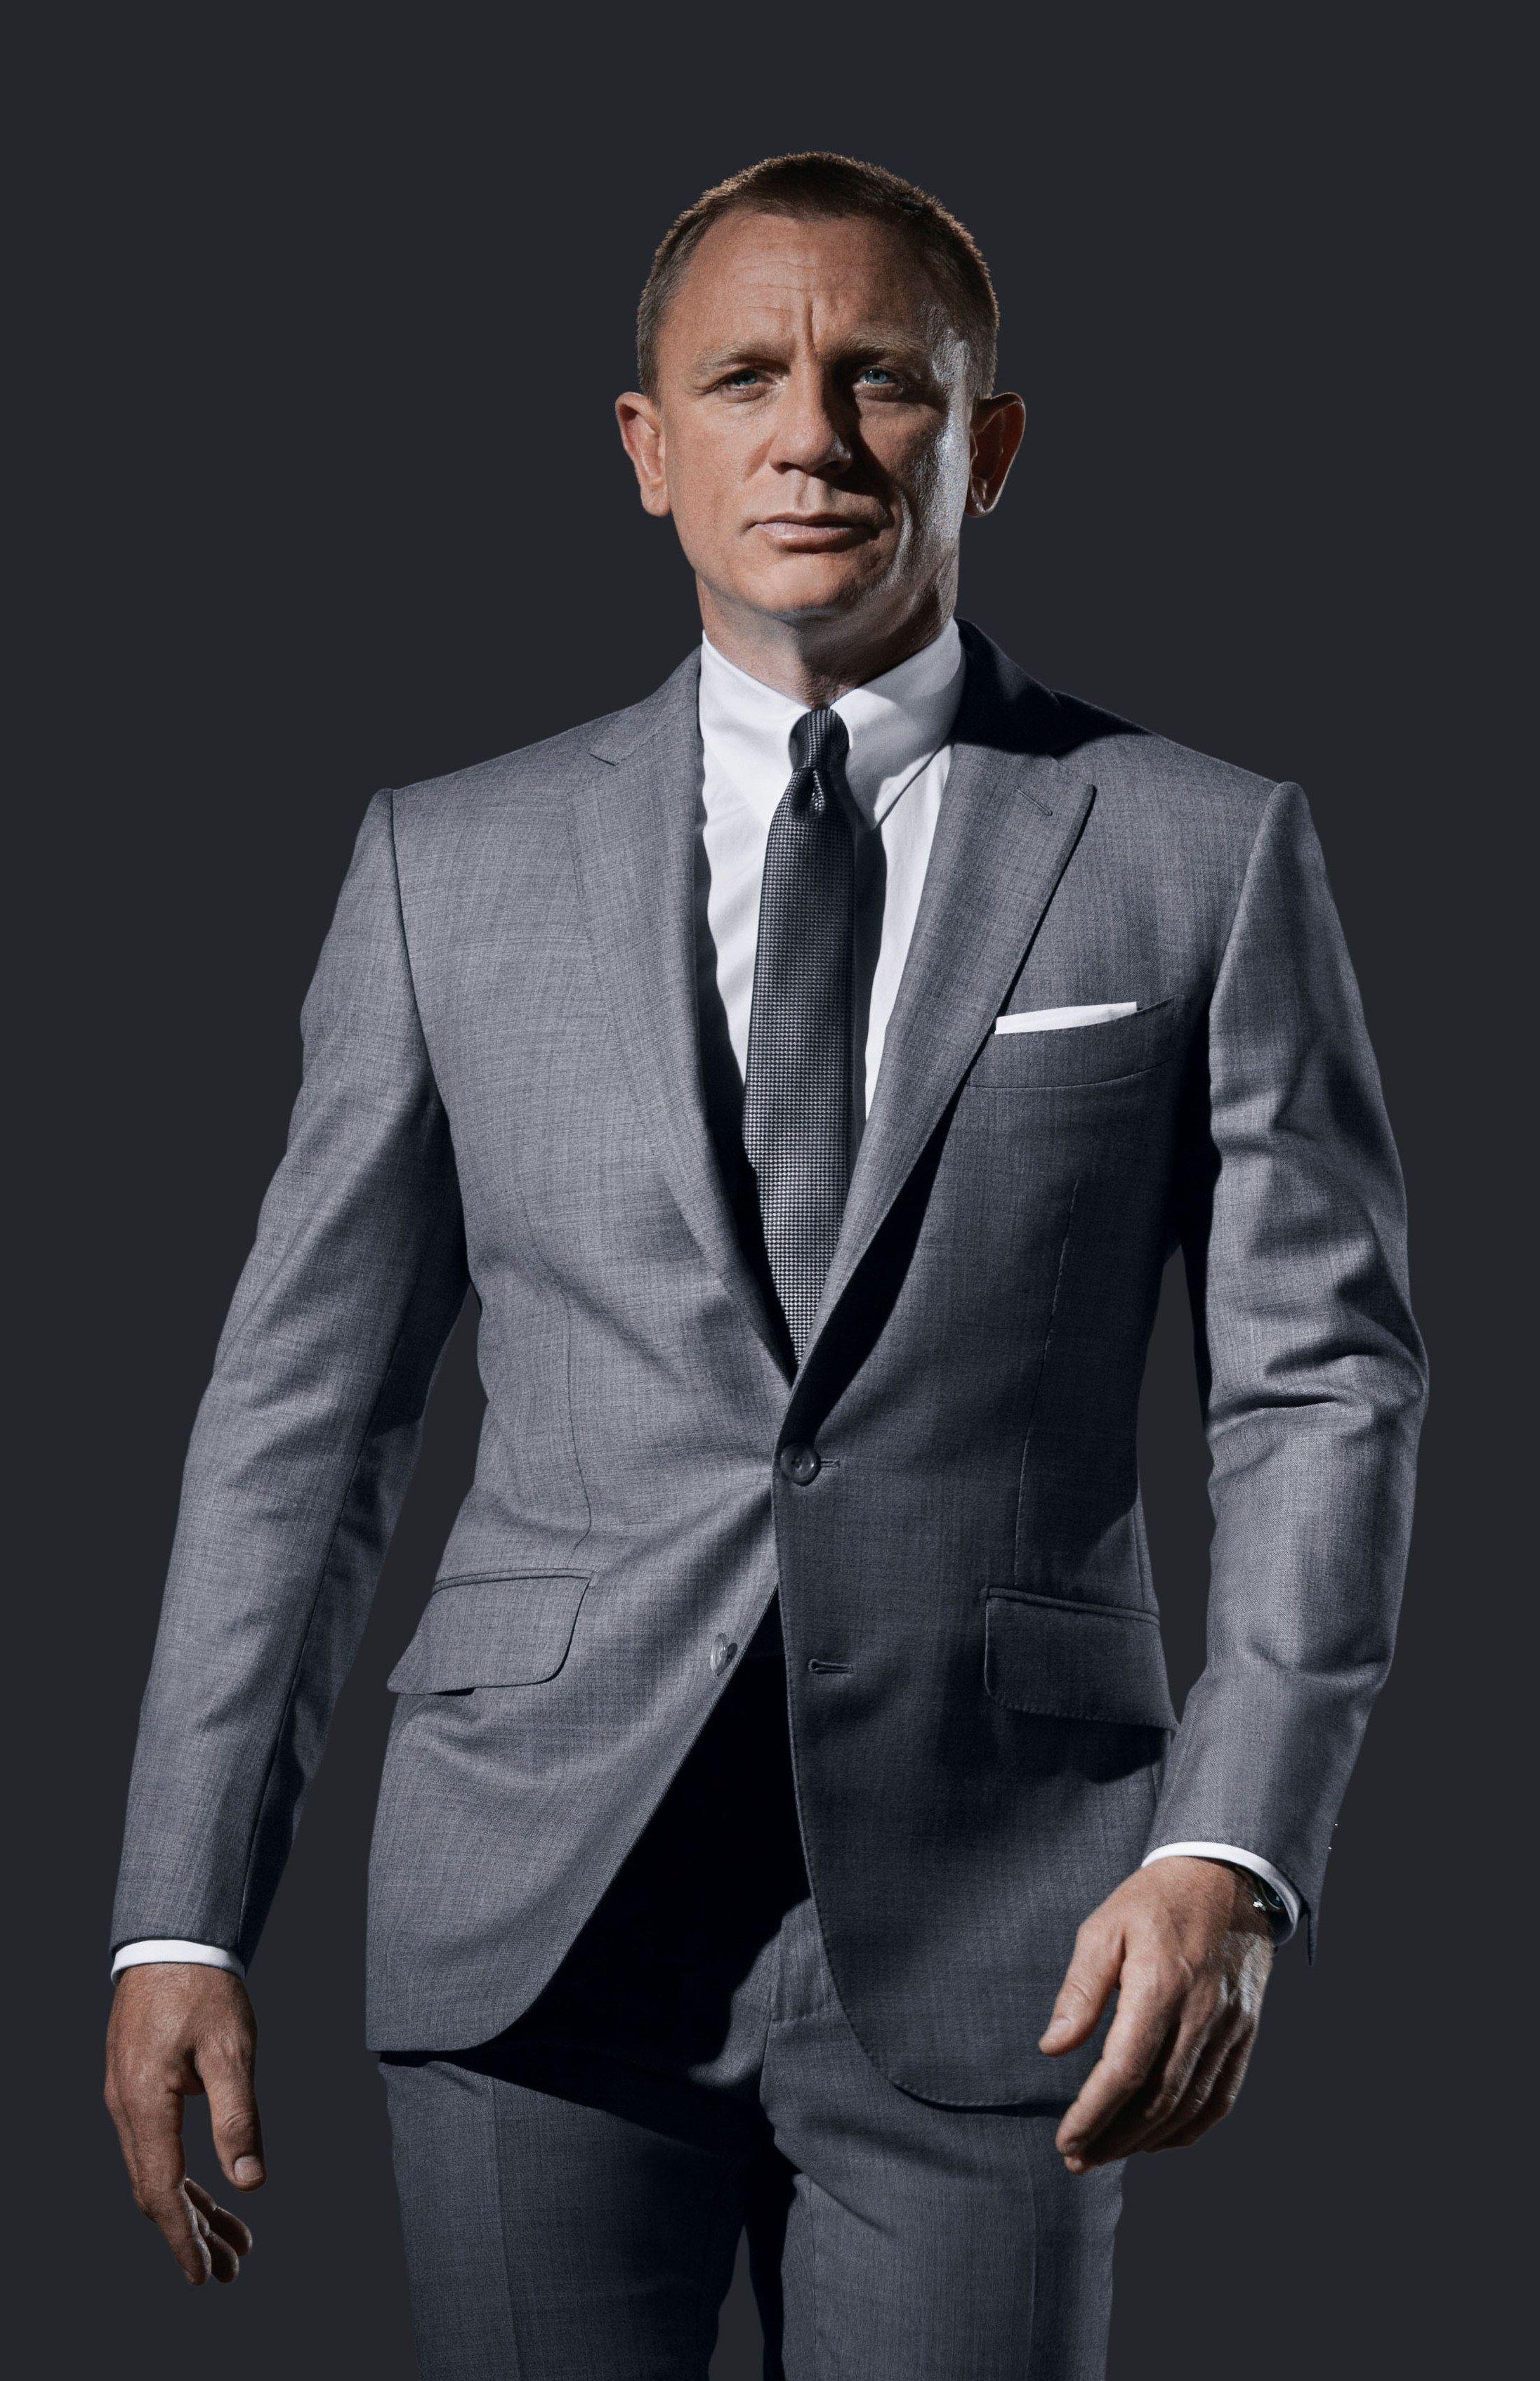 0896c53f363 Daniel Craig in grey sharkskin TOM FORD O Connor suit. Promo still for  SKYFALL. White French cuff tab collar shirt